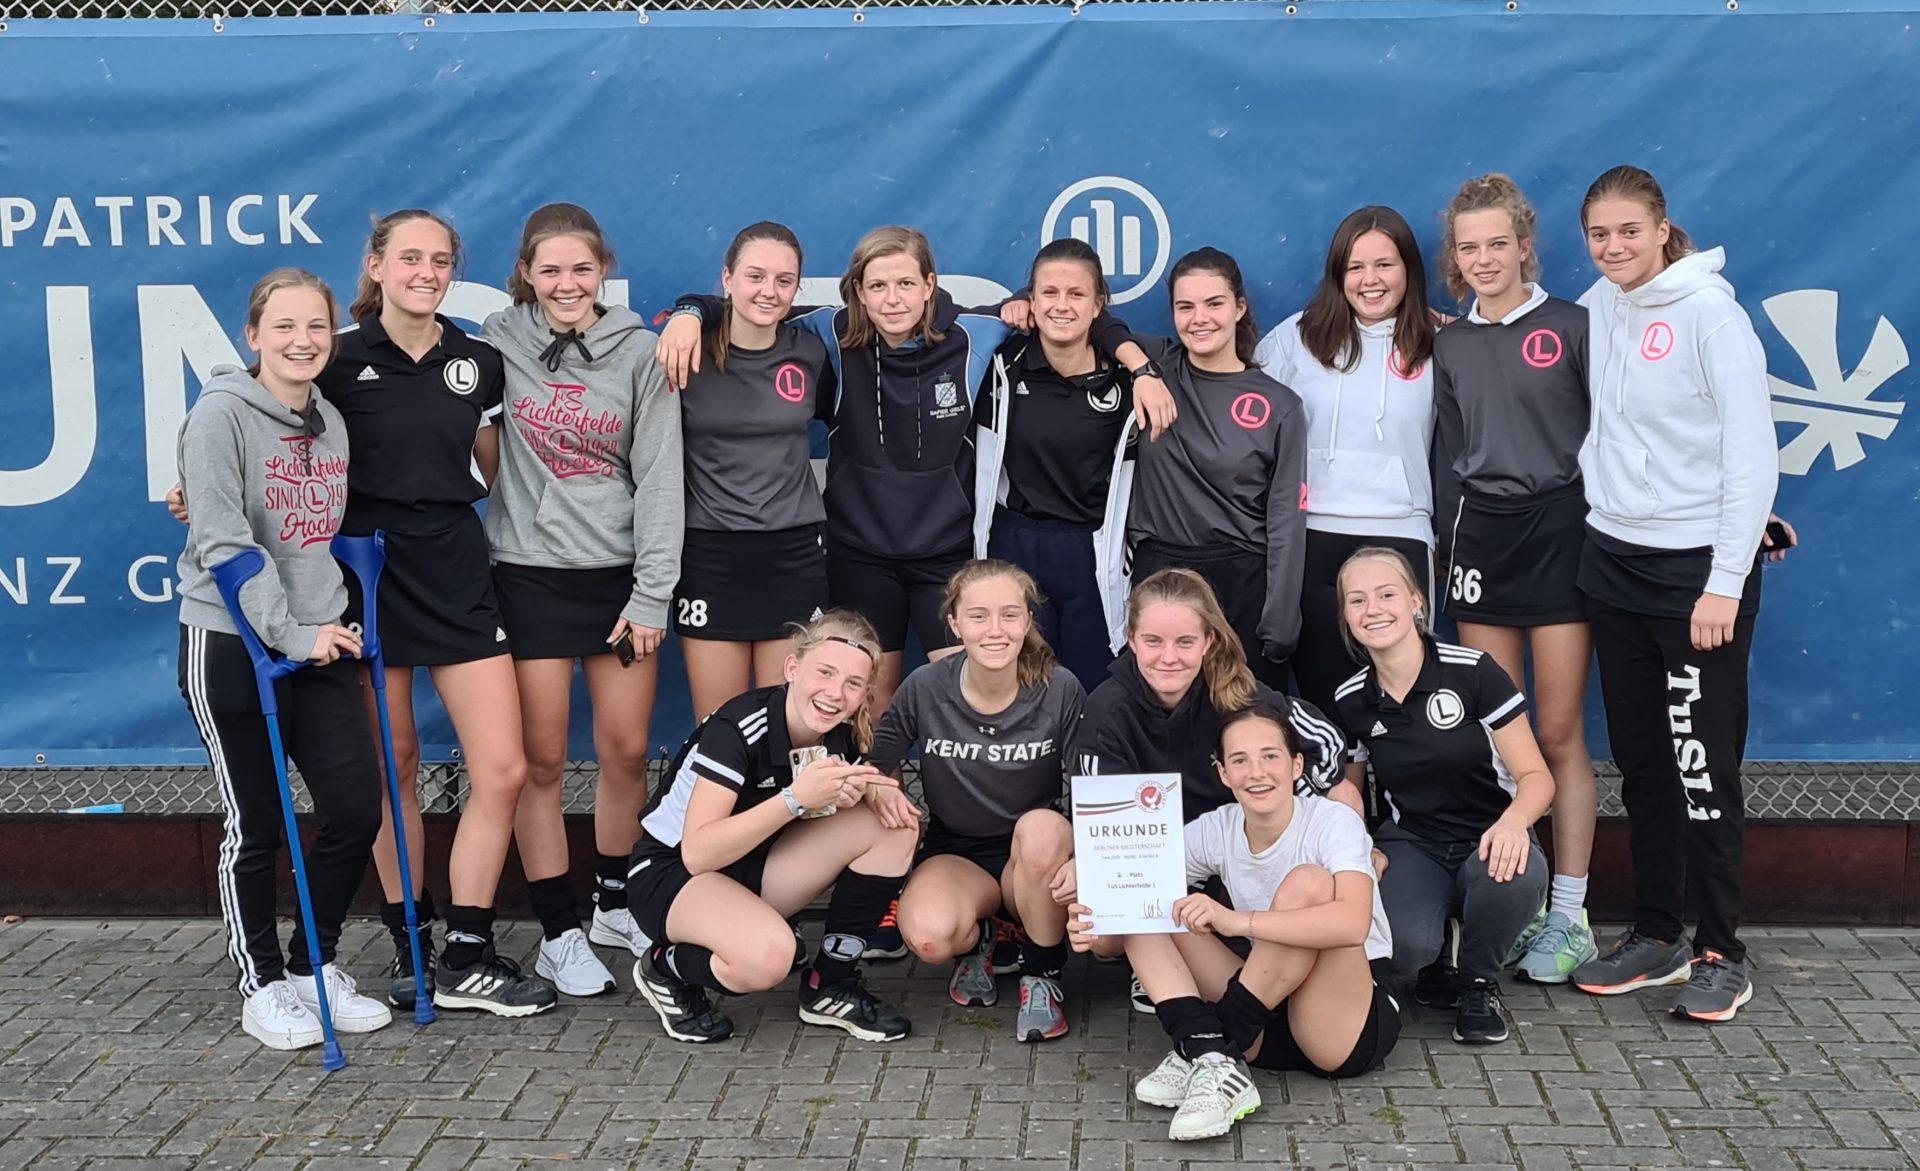 Vize nach spannender Endrunde: WJB macht ersten Schritt in Richtung Jugend Finale